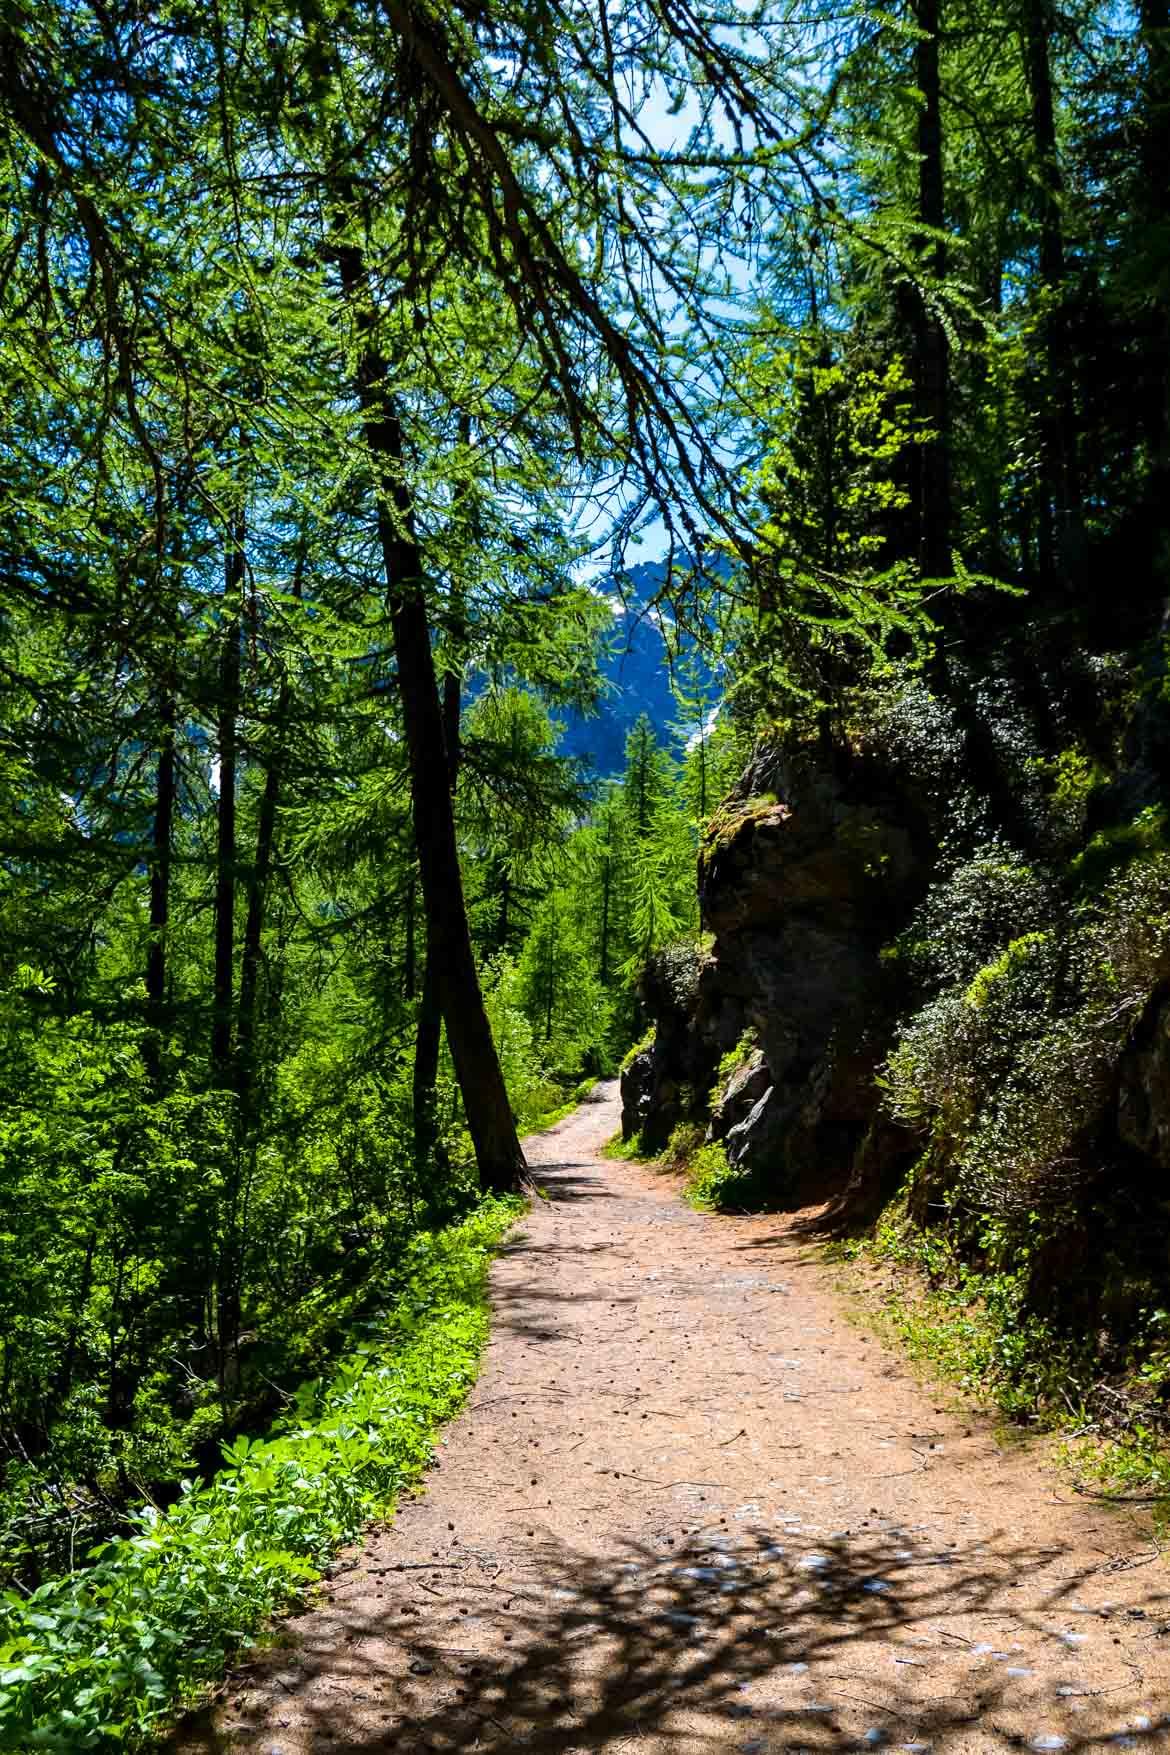 Valle d'Aosta Escursione al Lago d'Arpy - sentiero nel bosco - In Viaggio Con Monica